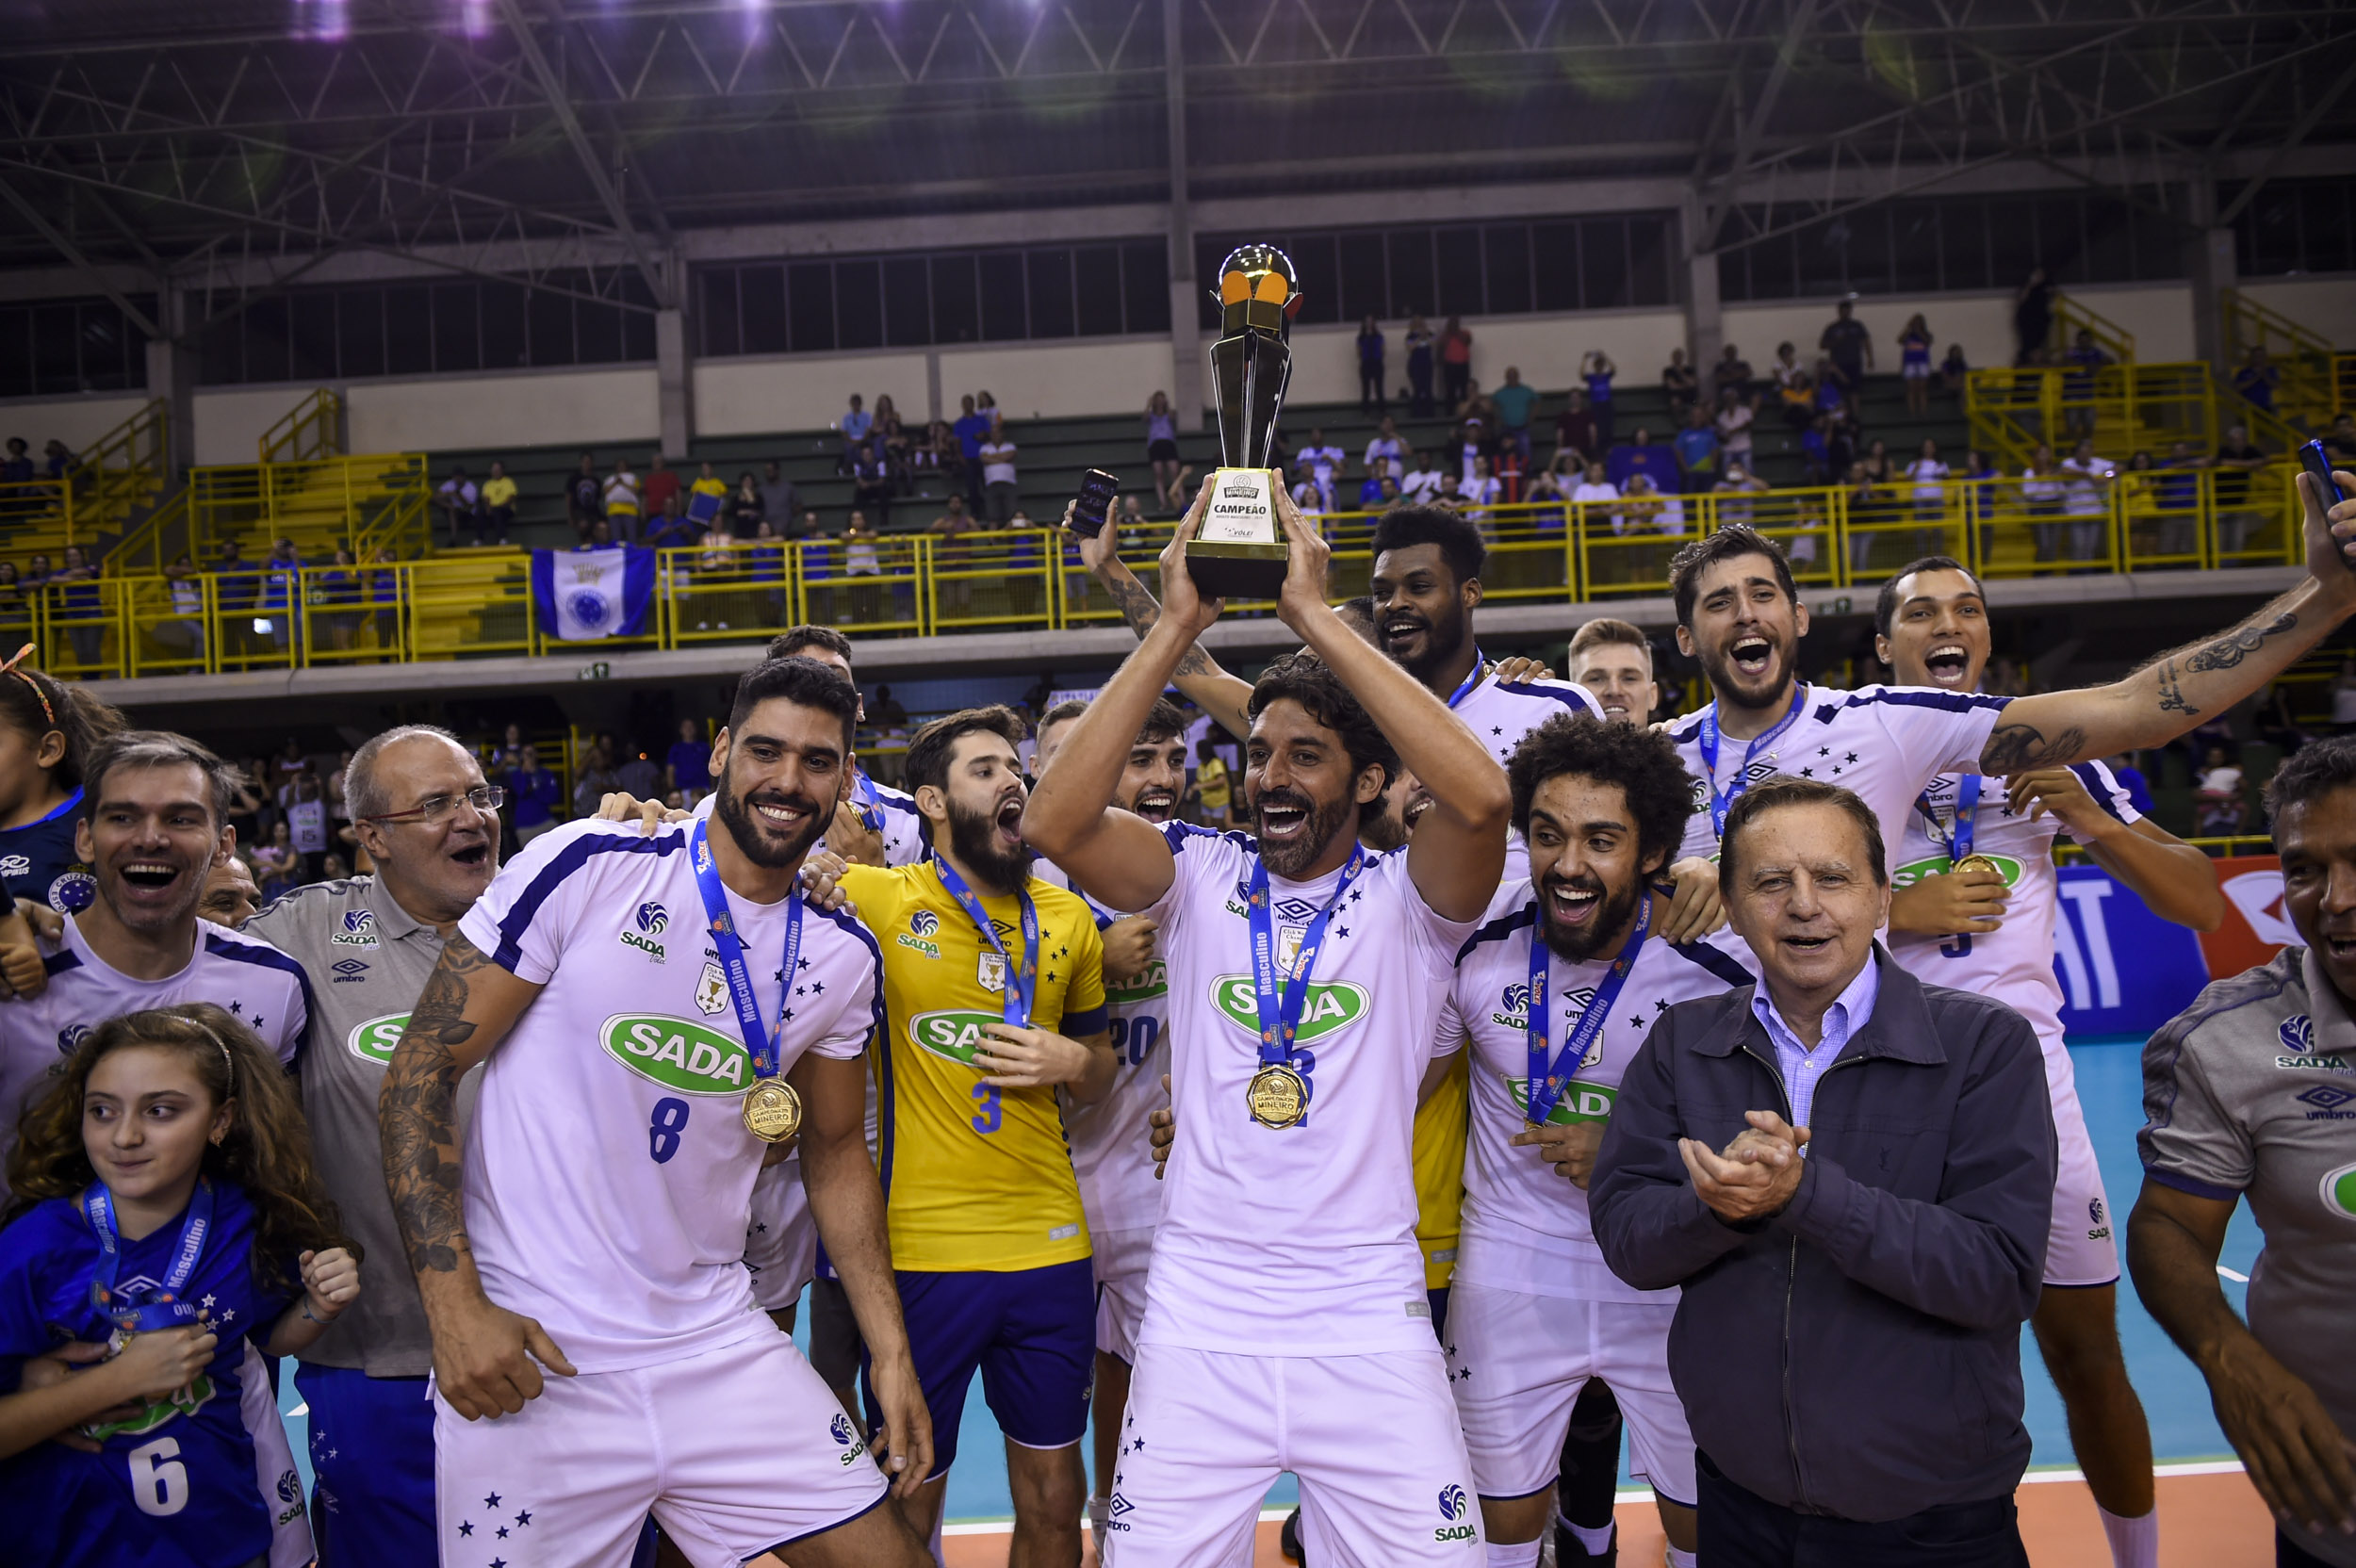 Campeões estaduais, EMS Taubaté Funvic e Sada Cruzeiro se enfrentam na próxima quinta?20200710045406